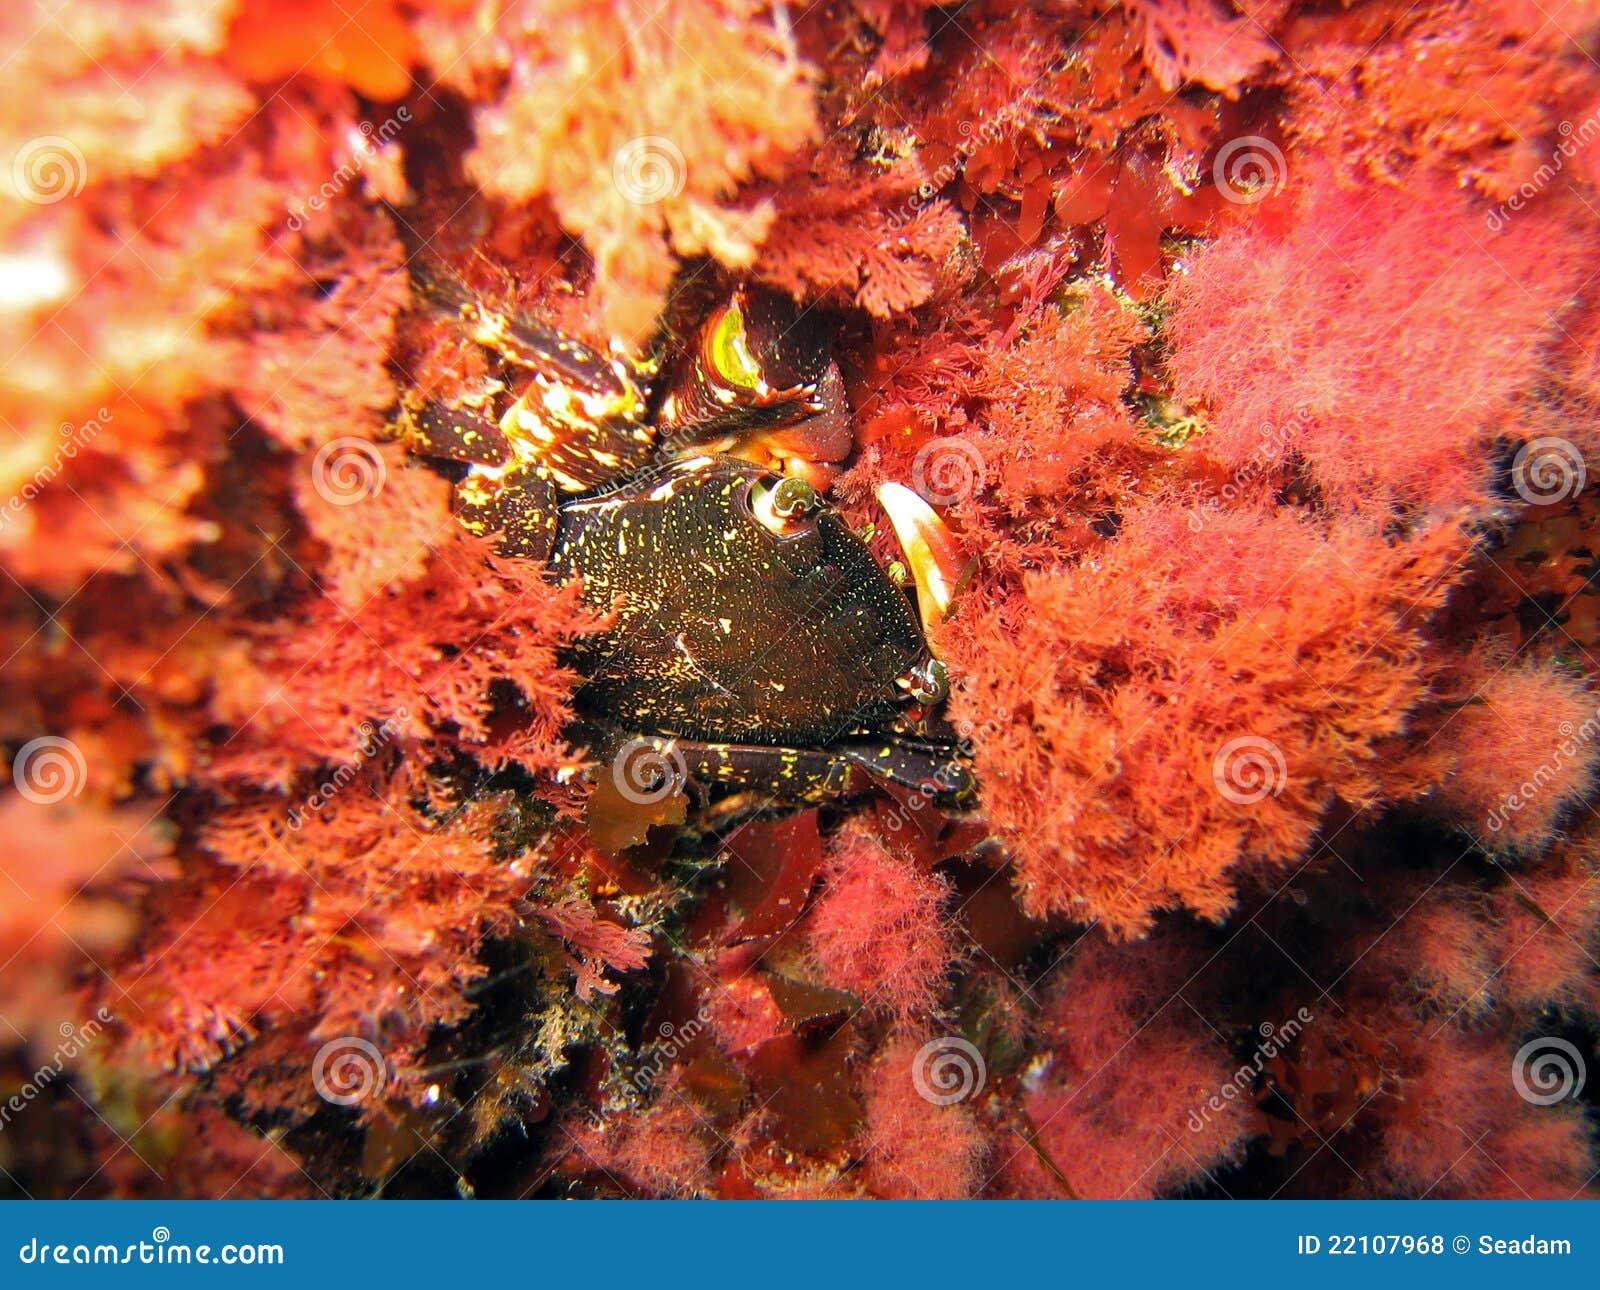 Caranguejo em algas vermelhas